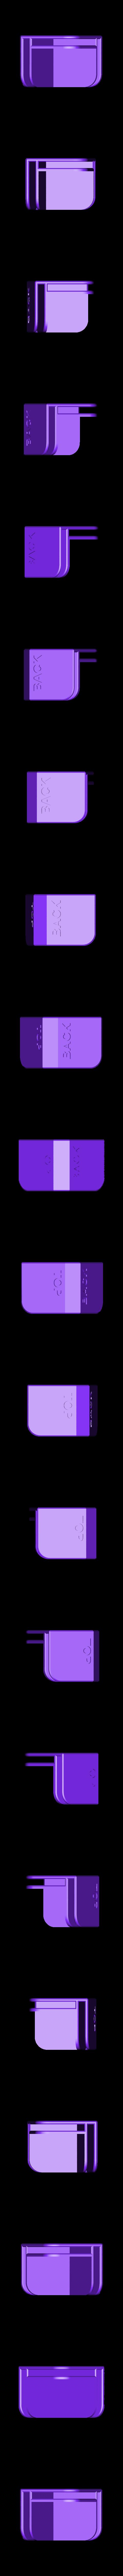 corner_top-back-left.stl Télécharger fichier STL gratuit Boîtier en plastique ondulé pour imprimantes 3D (pièces jointes) • Modèle pour imprimante 3D, CyberCyclist